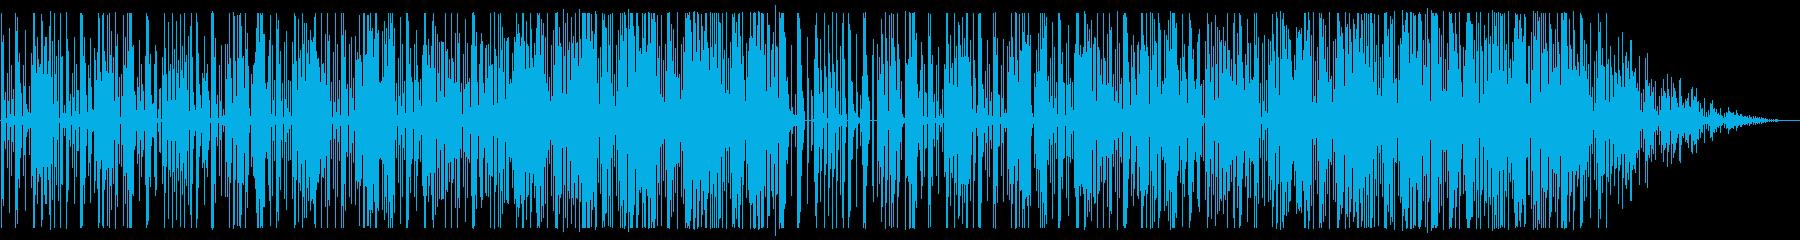 コミカル/ヒップホップ_No473_1の再生済みの波形